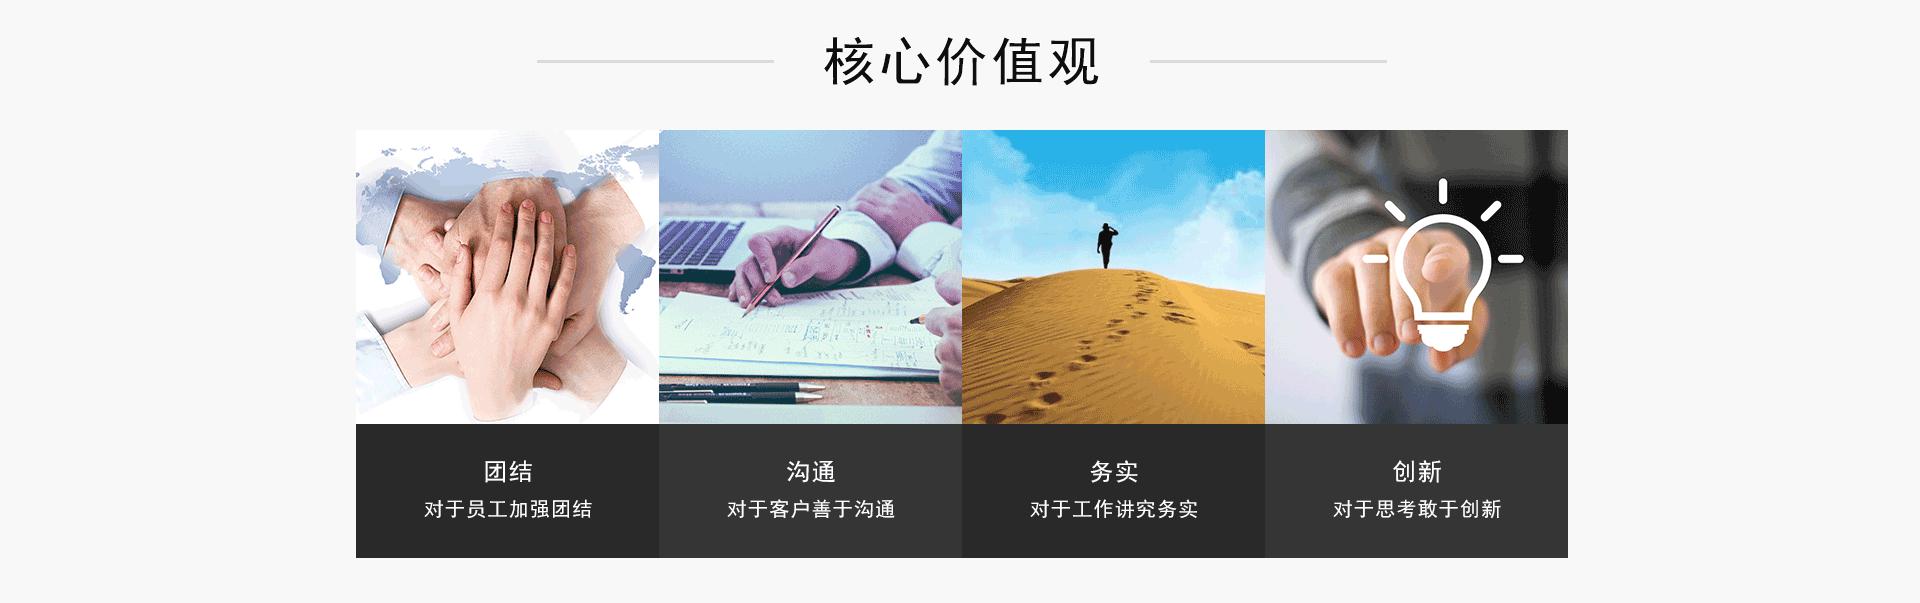 浙江新万博manbetx下载app集团